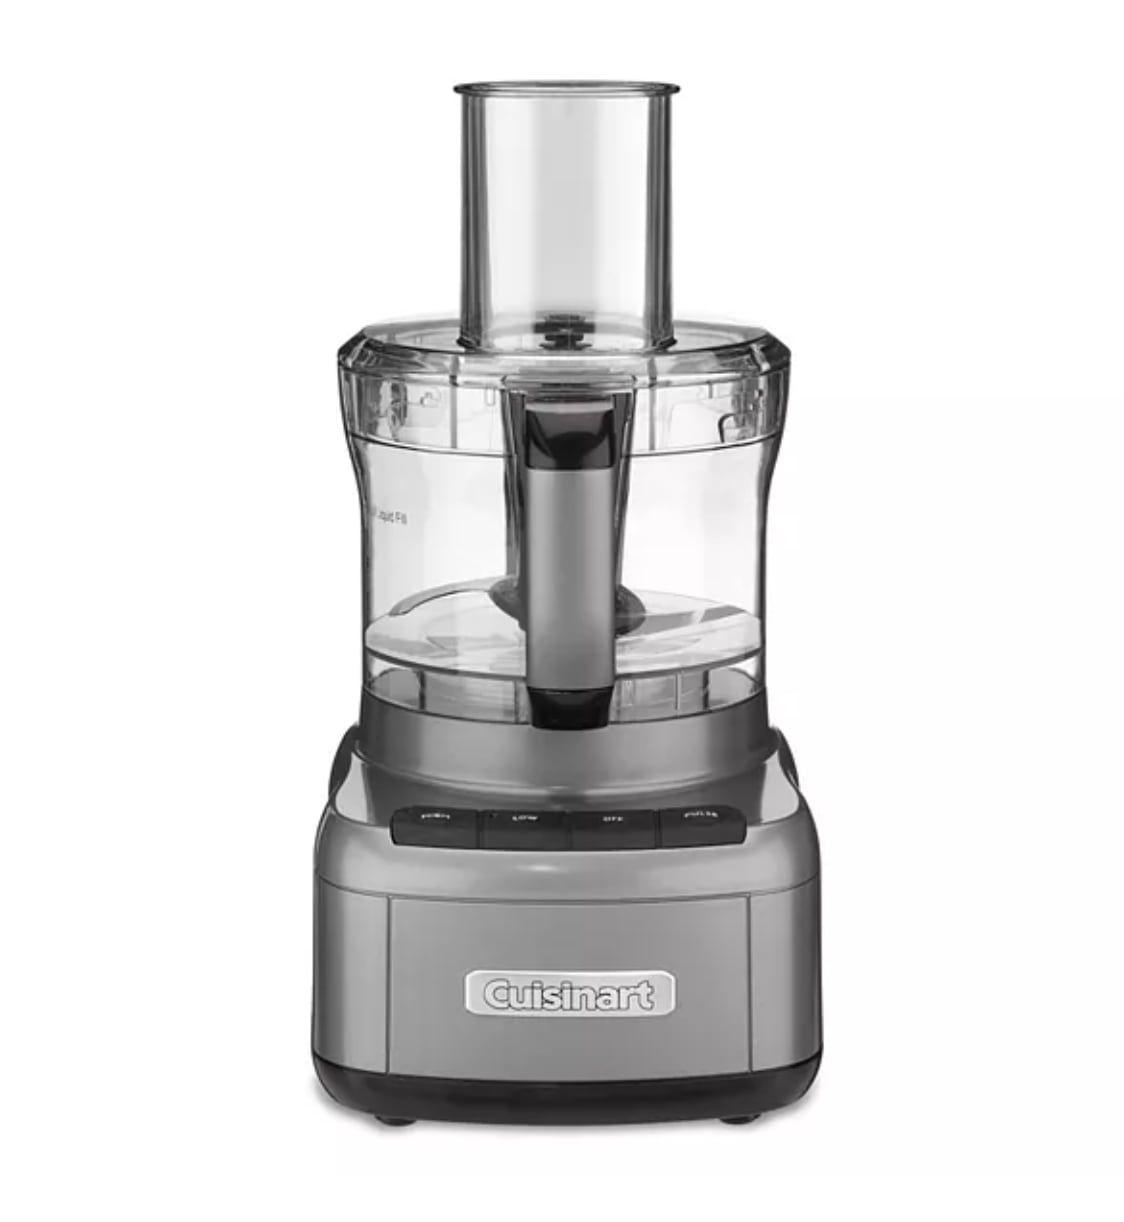 cuisinart-8-cup-food-processor